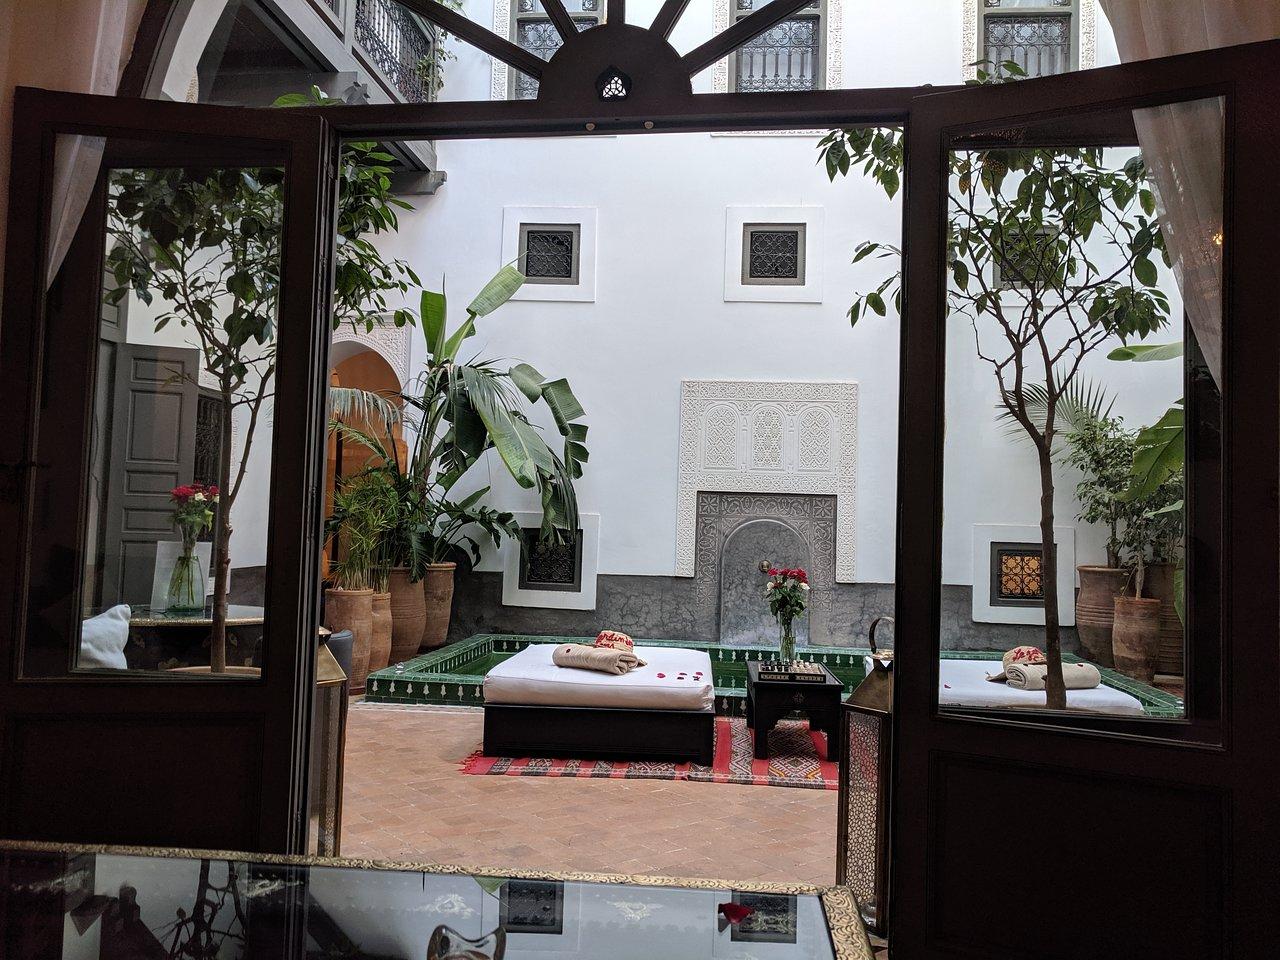 Le Jardin Des Sens Frais Riad Le Jardin Des Sens Updated 2020 Prices & Hotel